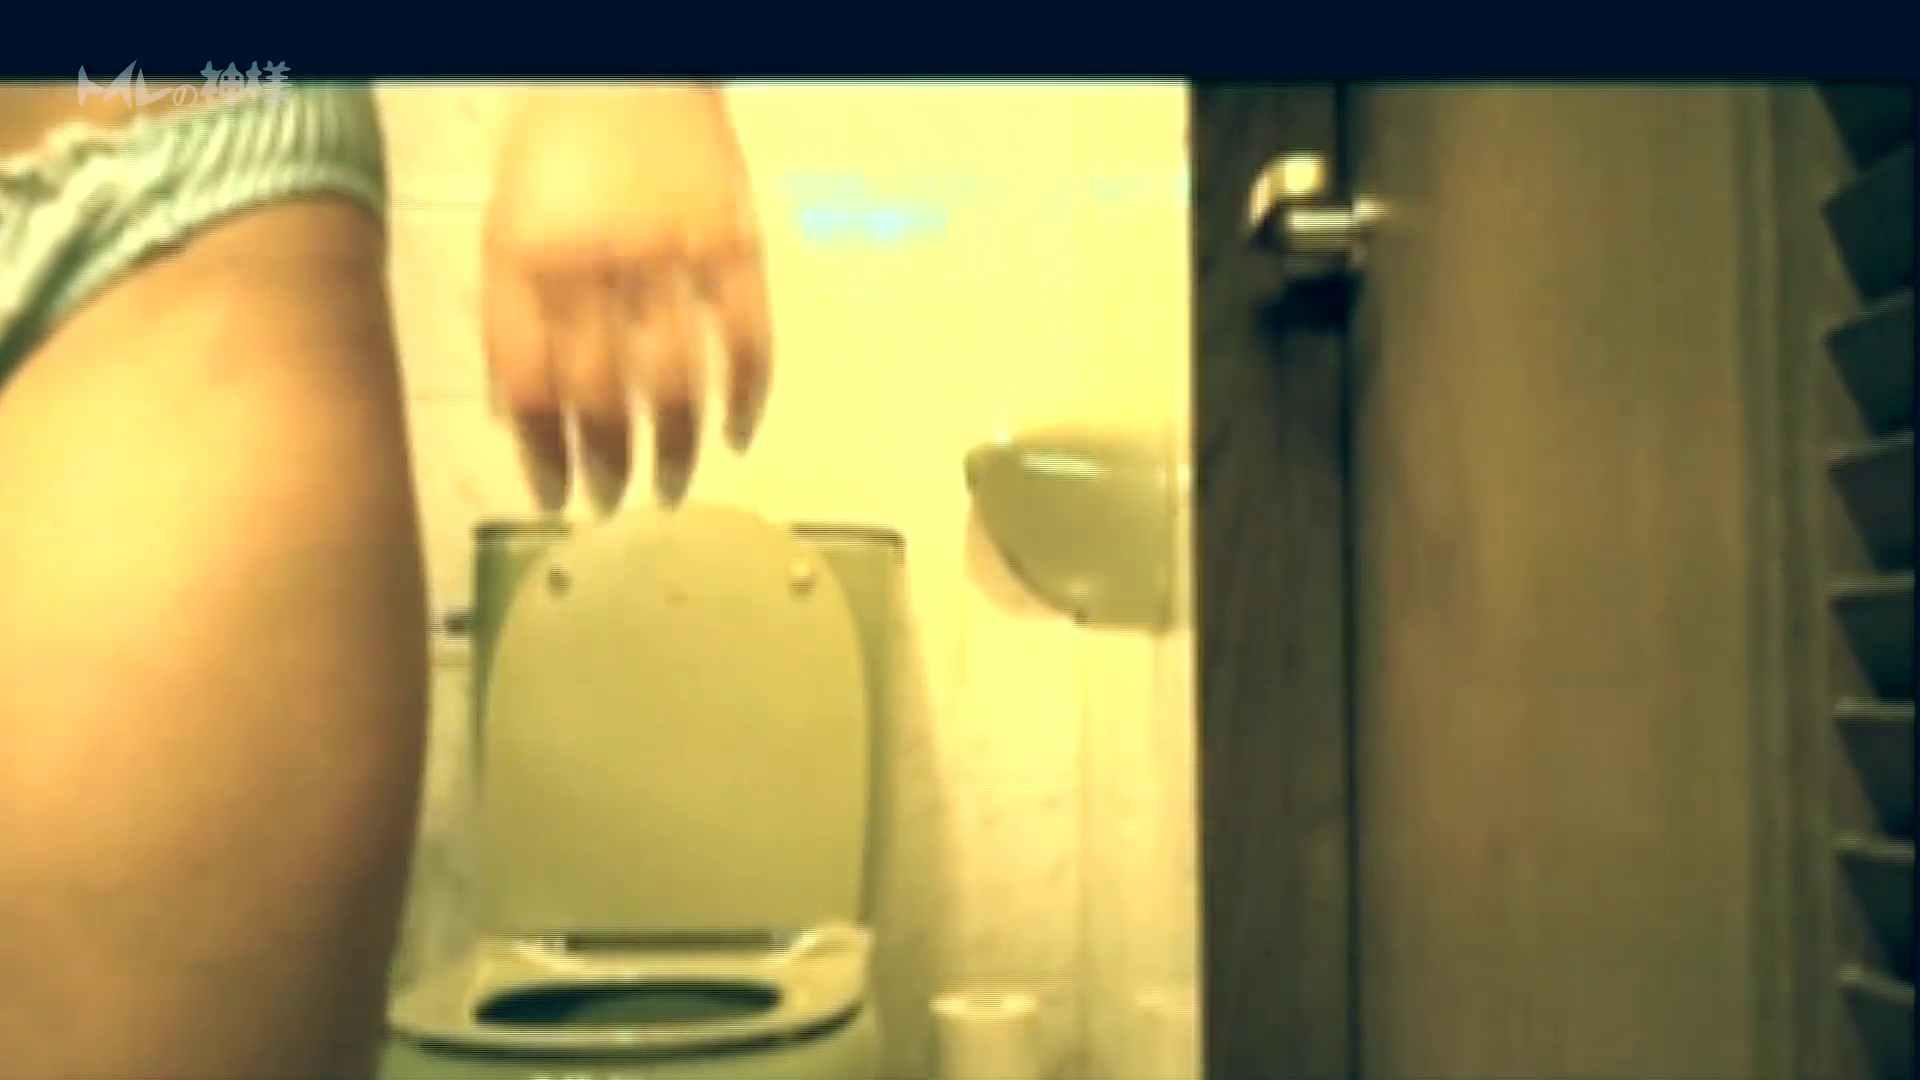 トイレの神様 Vol.01 花の女子大生うんこ盗撮1 うんこ特集 ぱこり動画紹介 96pic 55